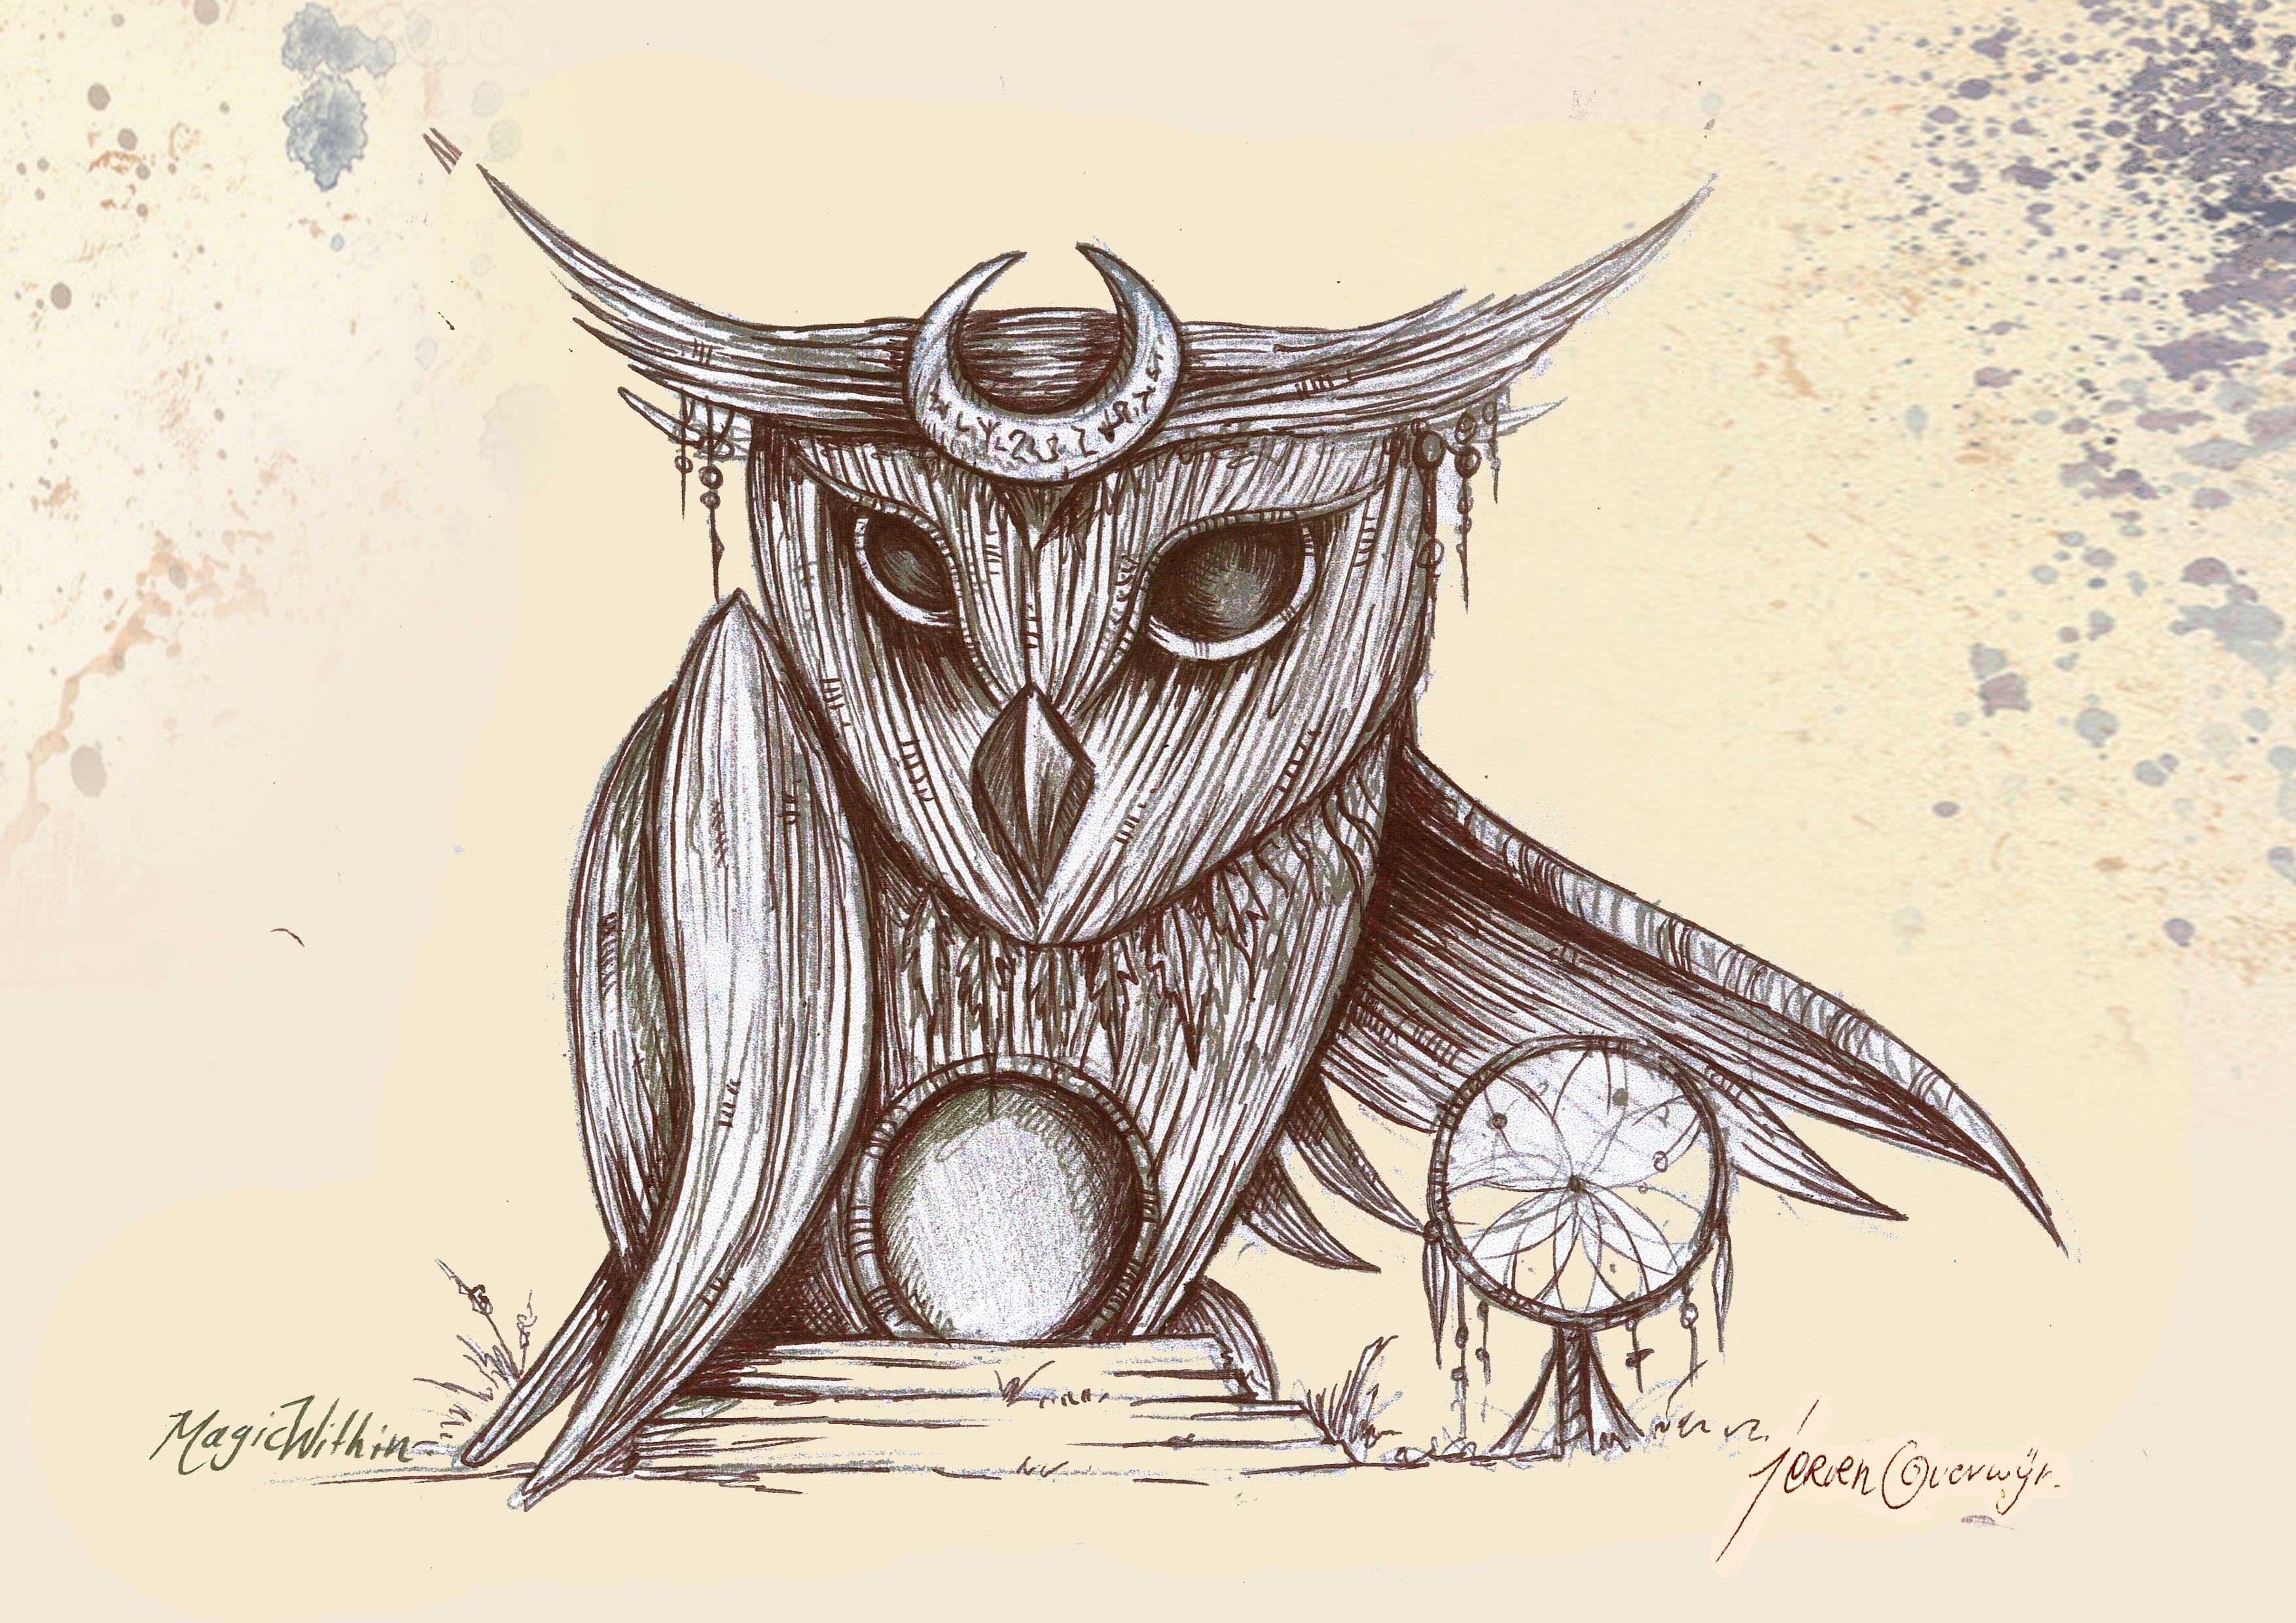 Owl greeting card set welsh artist jen delyth celtic art studio - Wicker Owl Castlefest 2014 Picture Drawn By Jeroen Overwijn